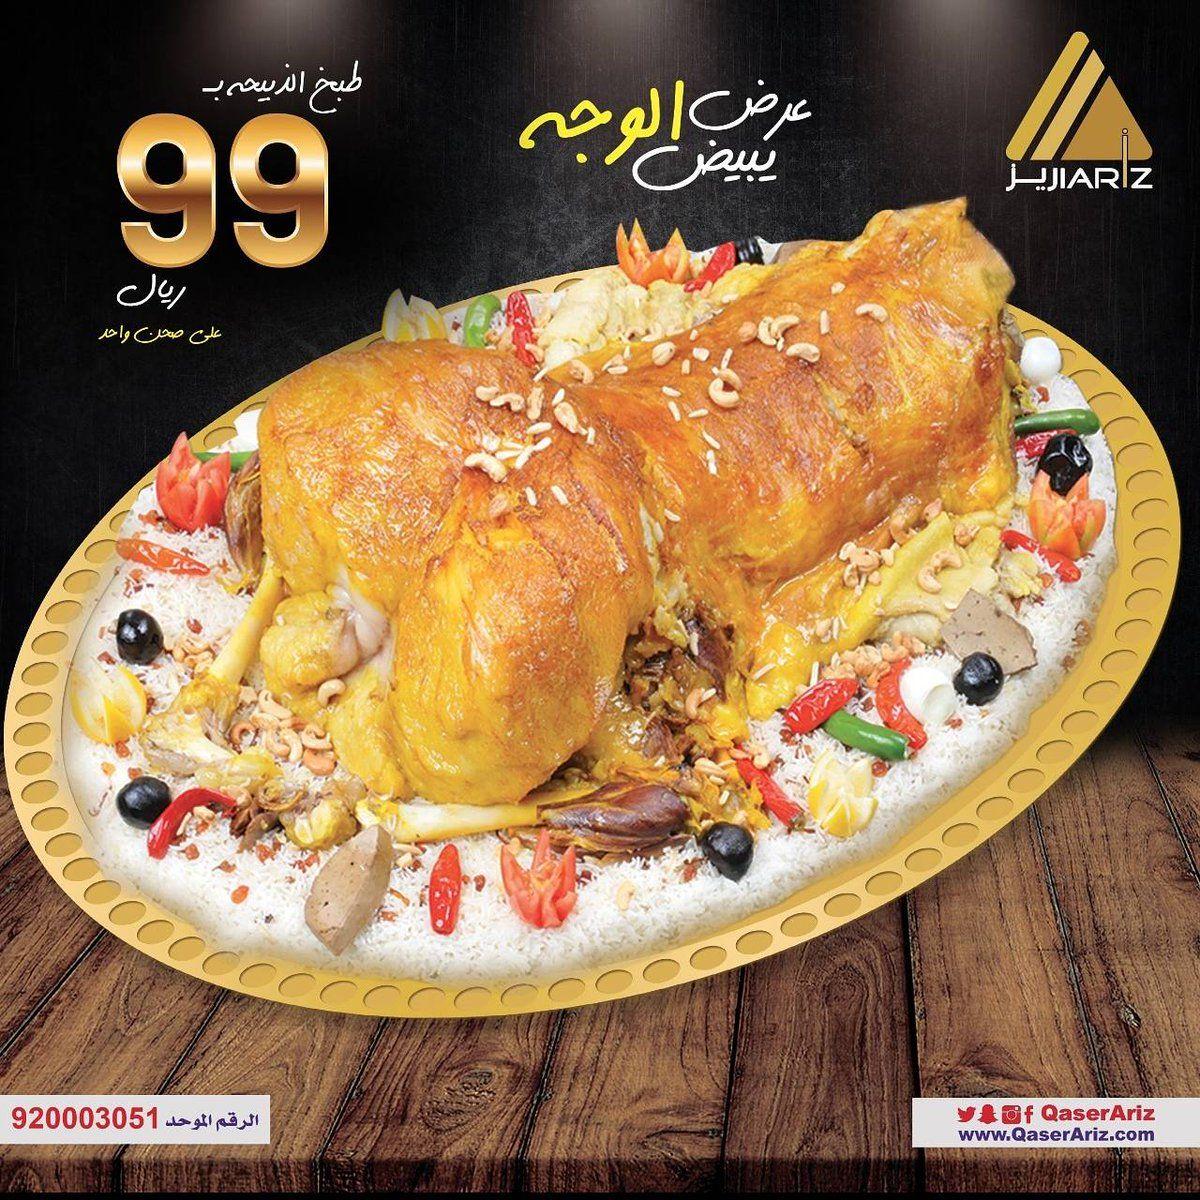 عروض الخميس الونيس من مطعم اريز اليوم الخميس 26 أبريل 2018 عروض اليوم Food Turkey Meat